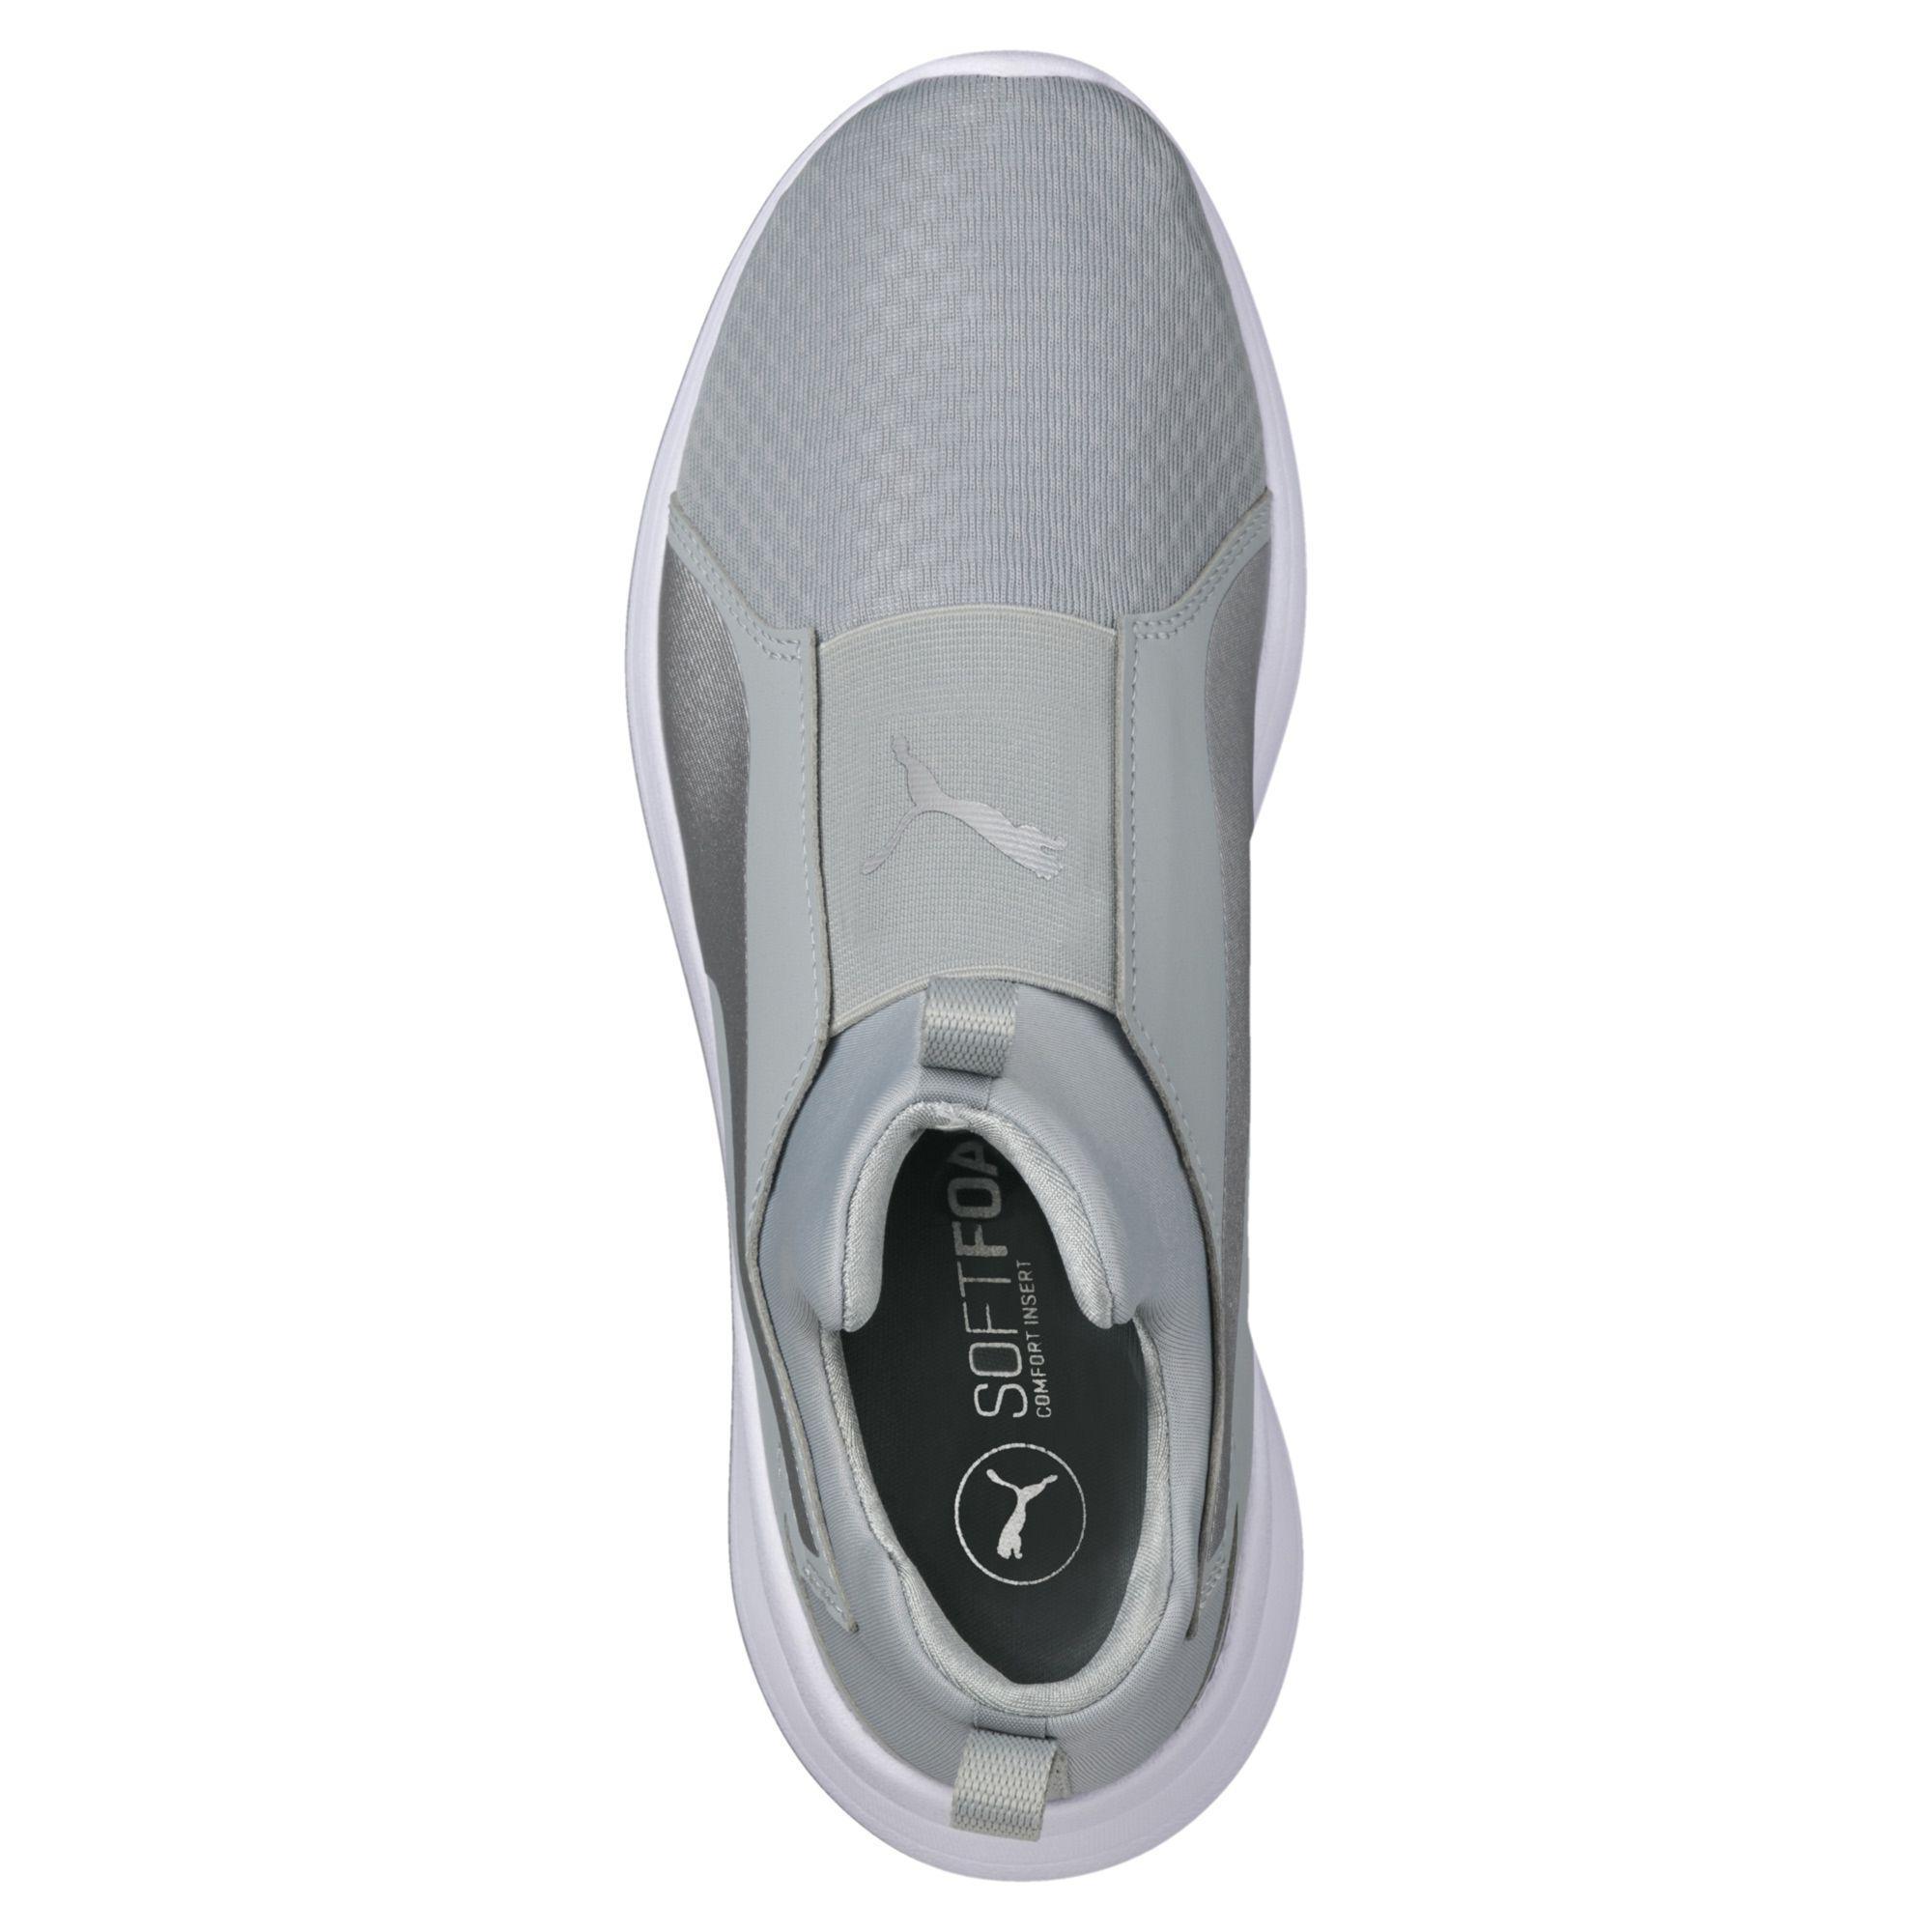 757d6438c46 Lyst - PUMA Rebel Mid Women s Training Shoes